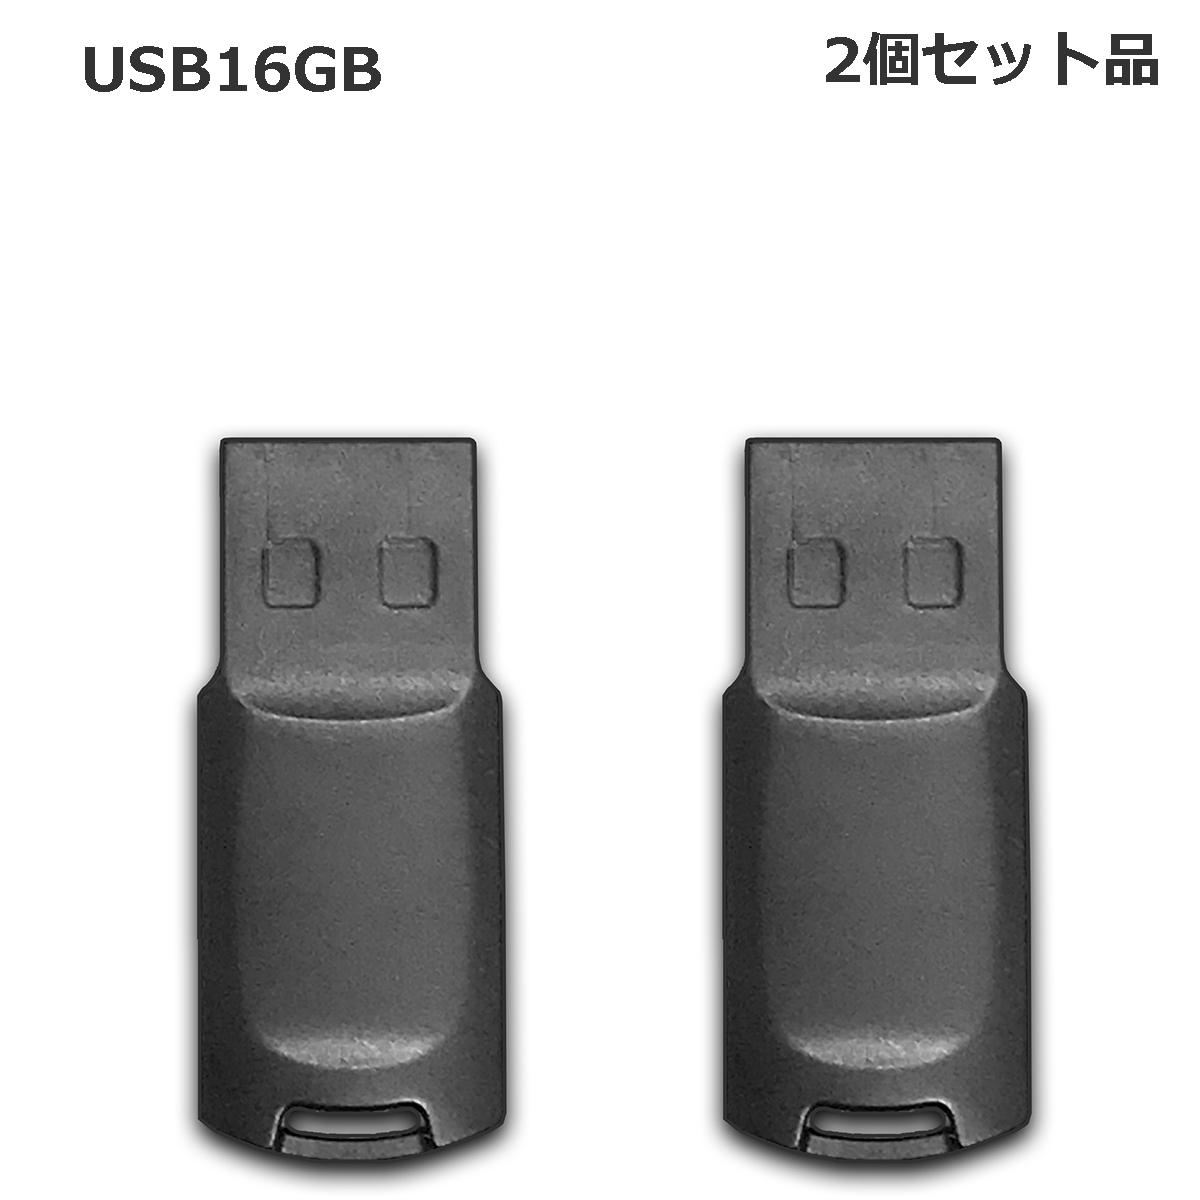 モデル着用&注目アイテム USB16GB USBメモリ 16GB コンパクトマイクロUSB2.0 Agenstar 訳ありセール 格安 キャップレス ブラック エコパッケージ ポイント消化